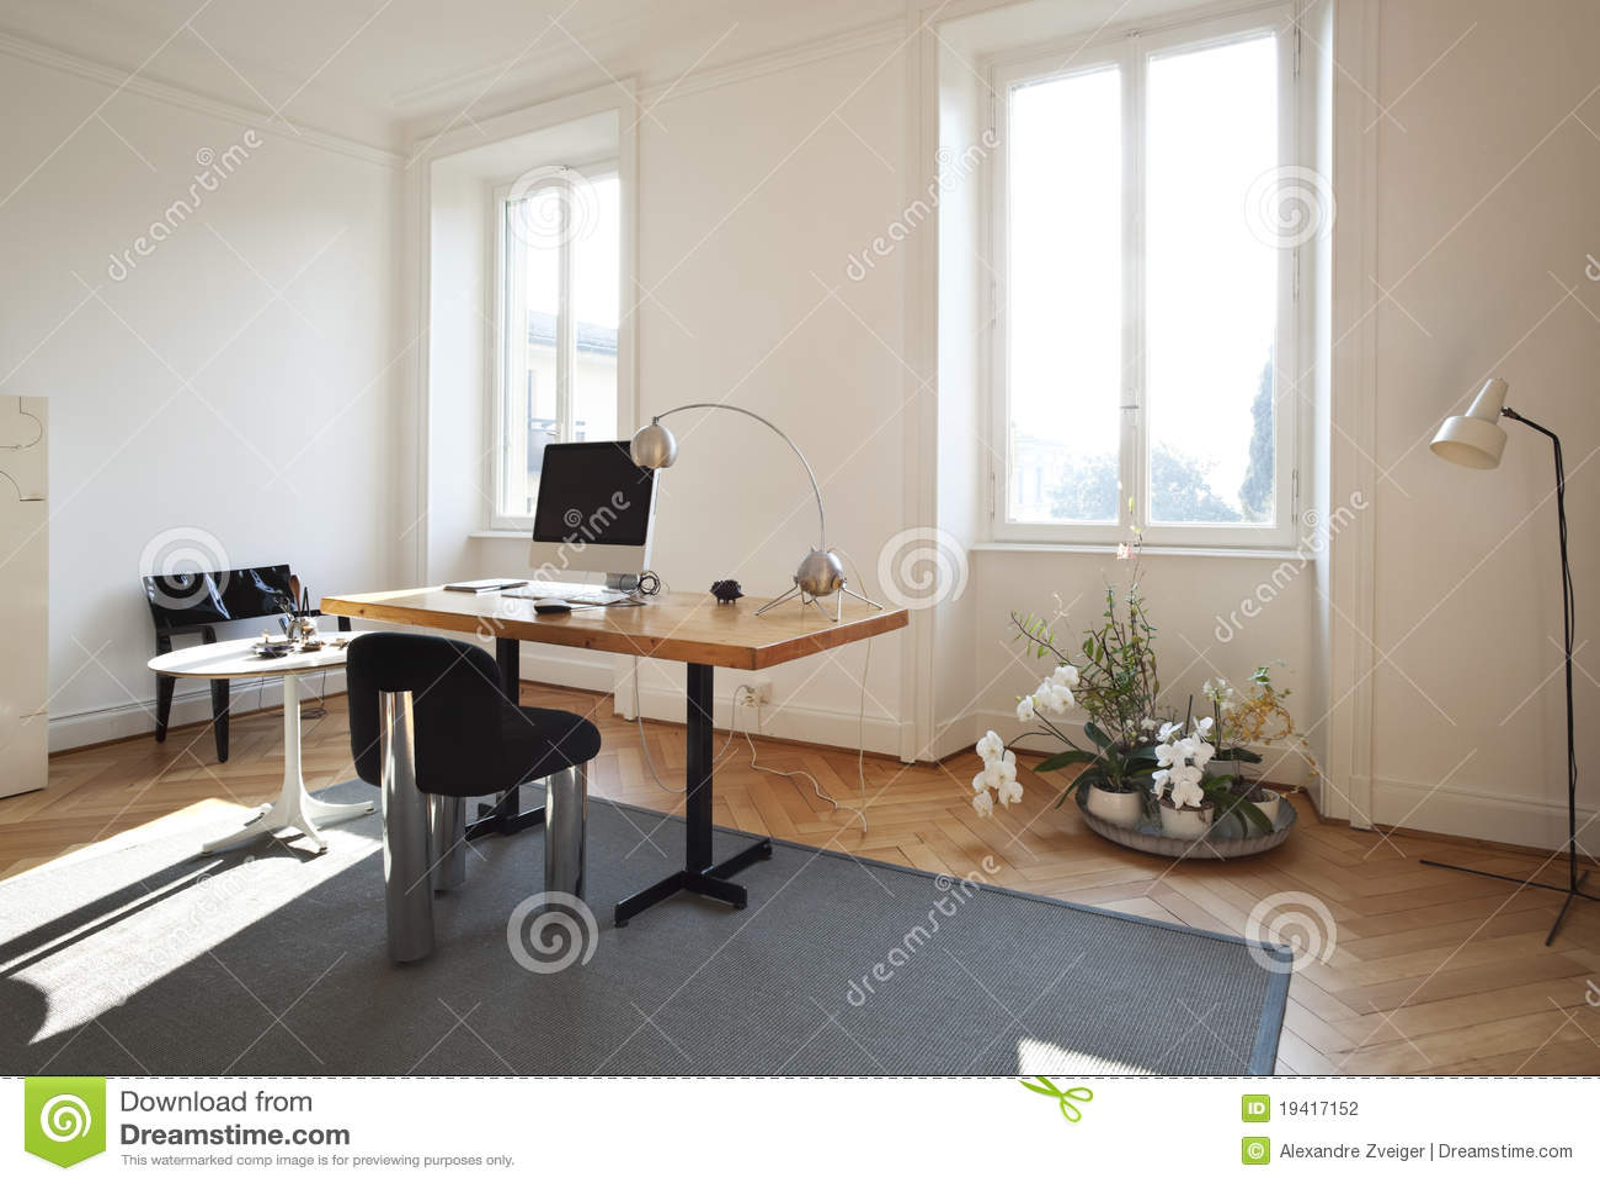 Furniture Retro Attractive Home Design